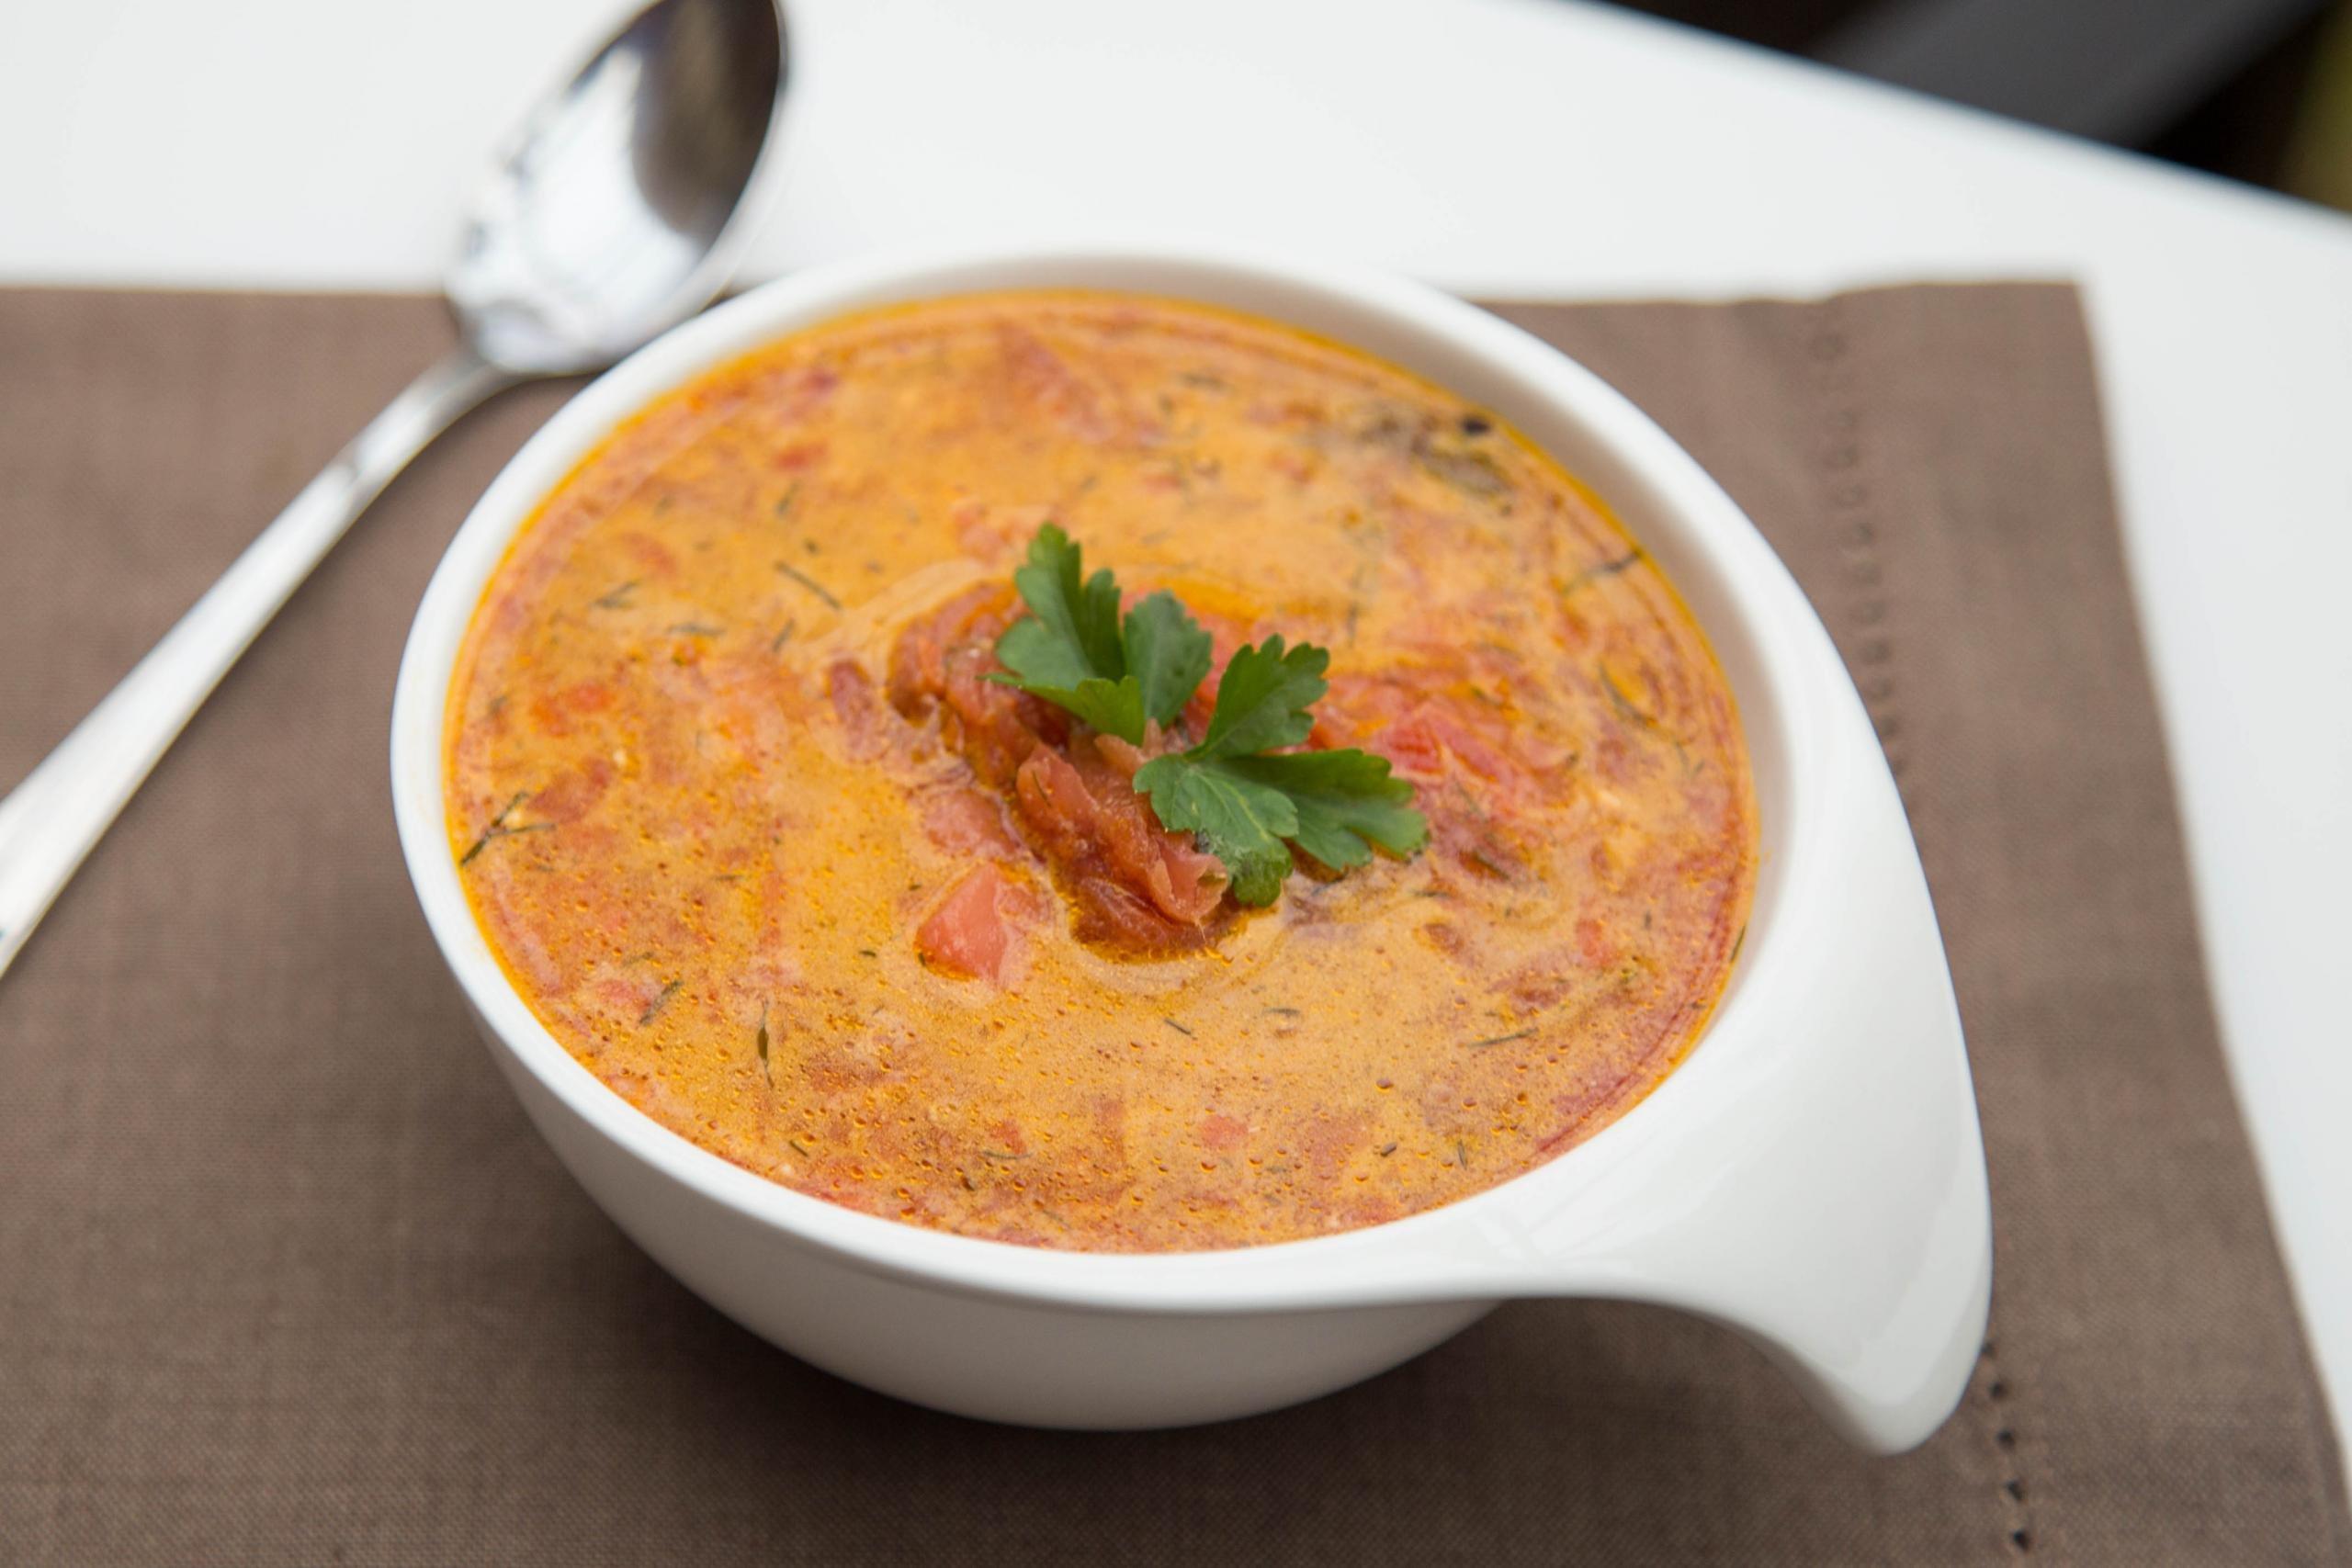 Russian Creamy Beet Borscht in a bowl